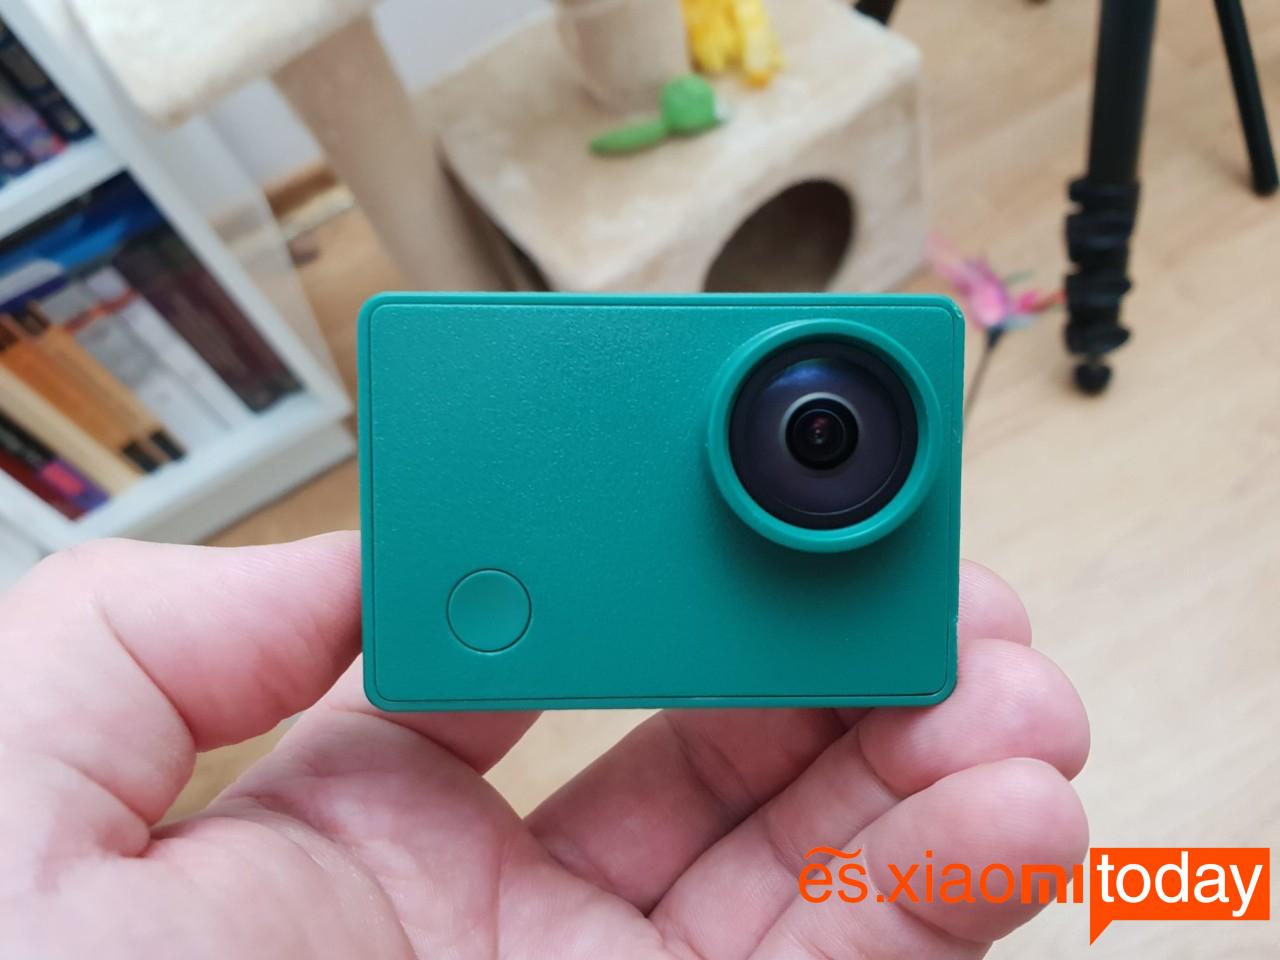 Xiaomi Seabird 4K Action Camera Análisis: Pros y contras